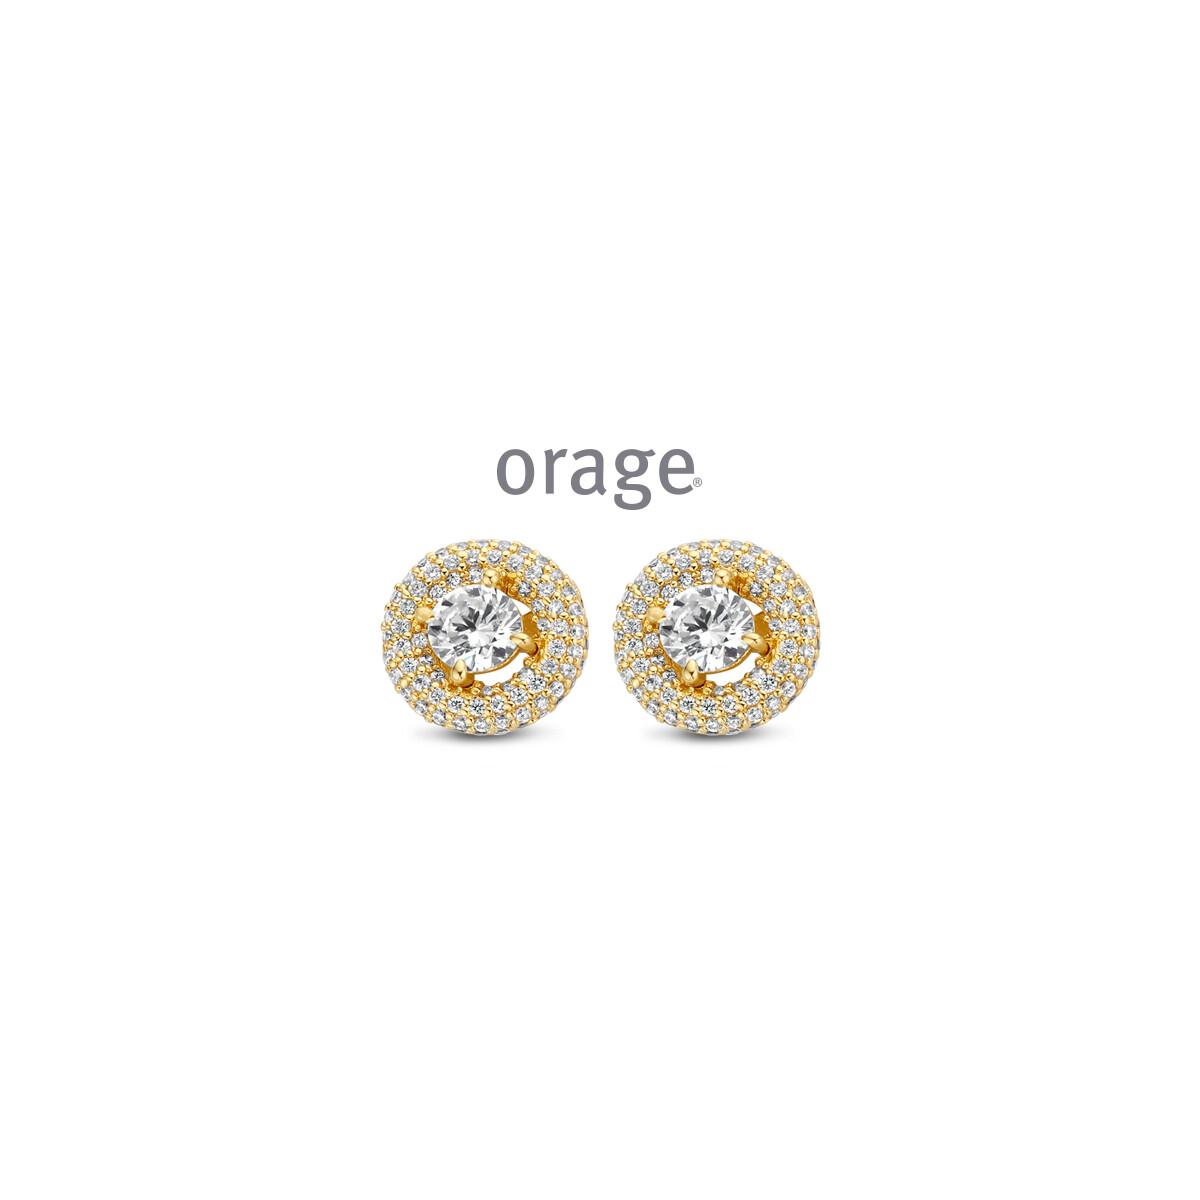 Boucles d'oreilles Orage AP108